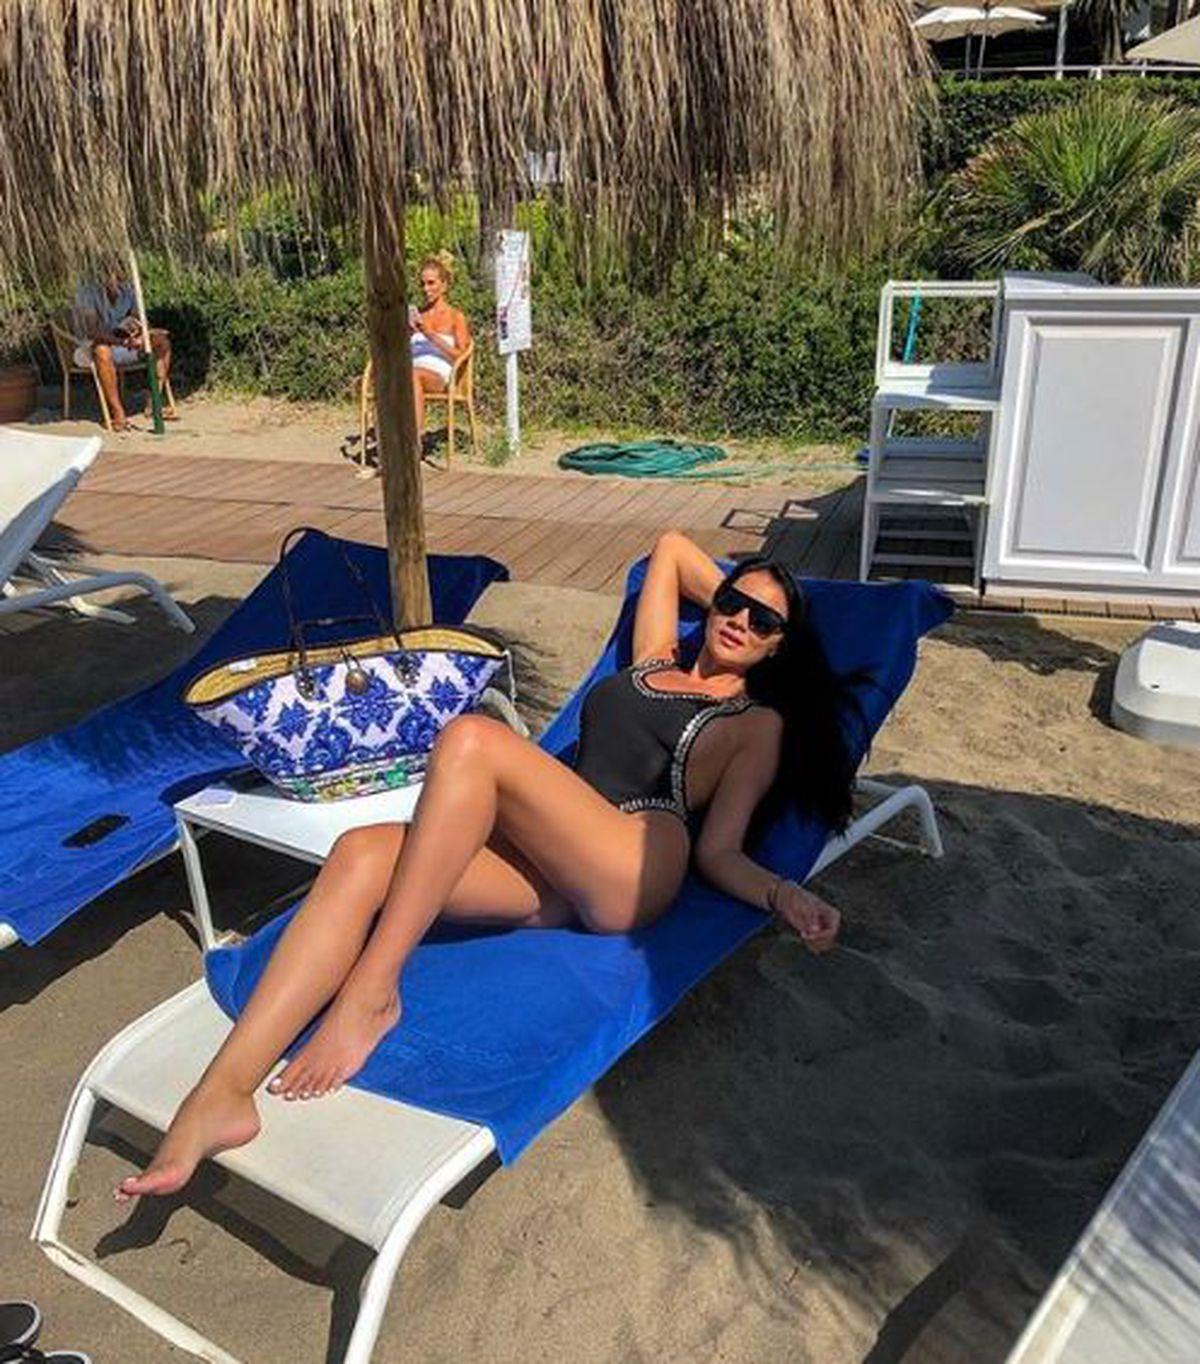 Dezvăluirile unui tabloid: Ciprian Marica e spaima prietenilor! Ar fi încercat să-i fure iubita unui coleg de la națională